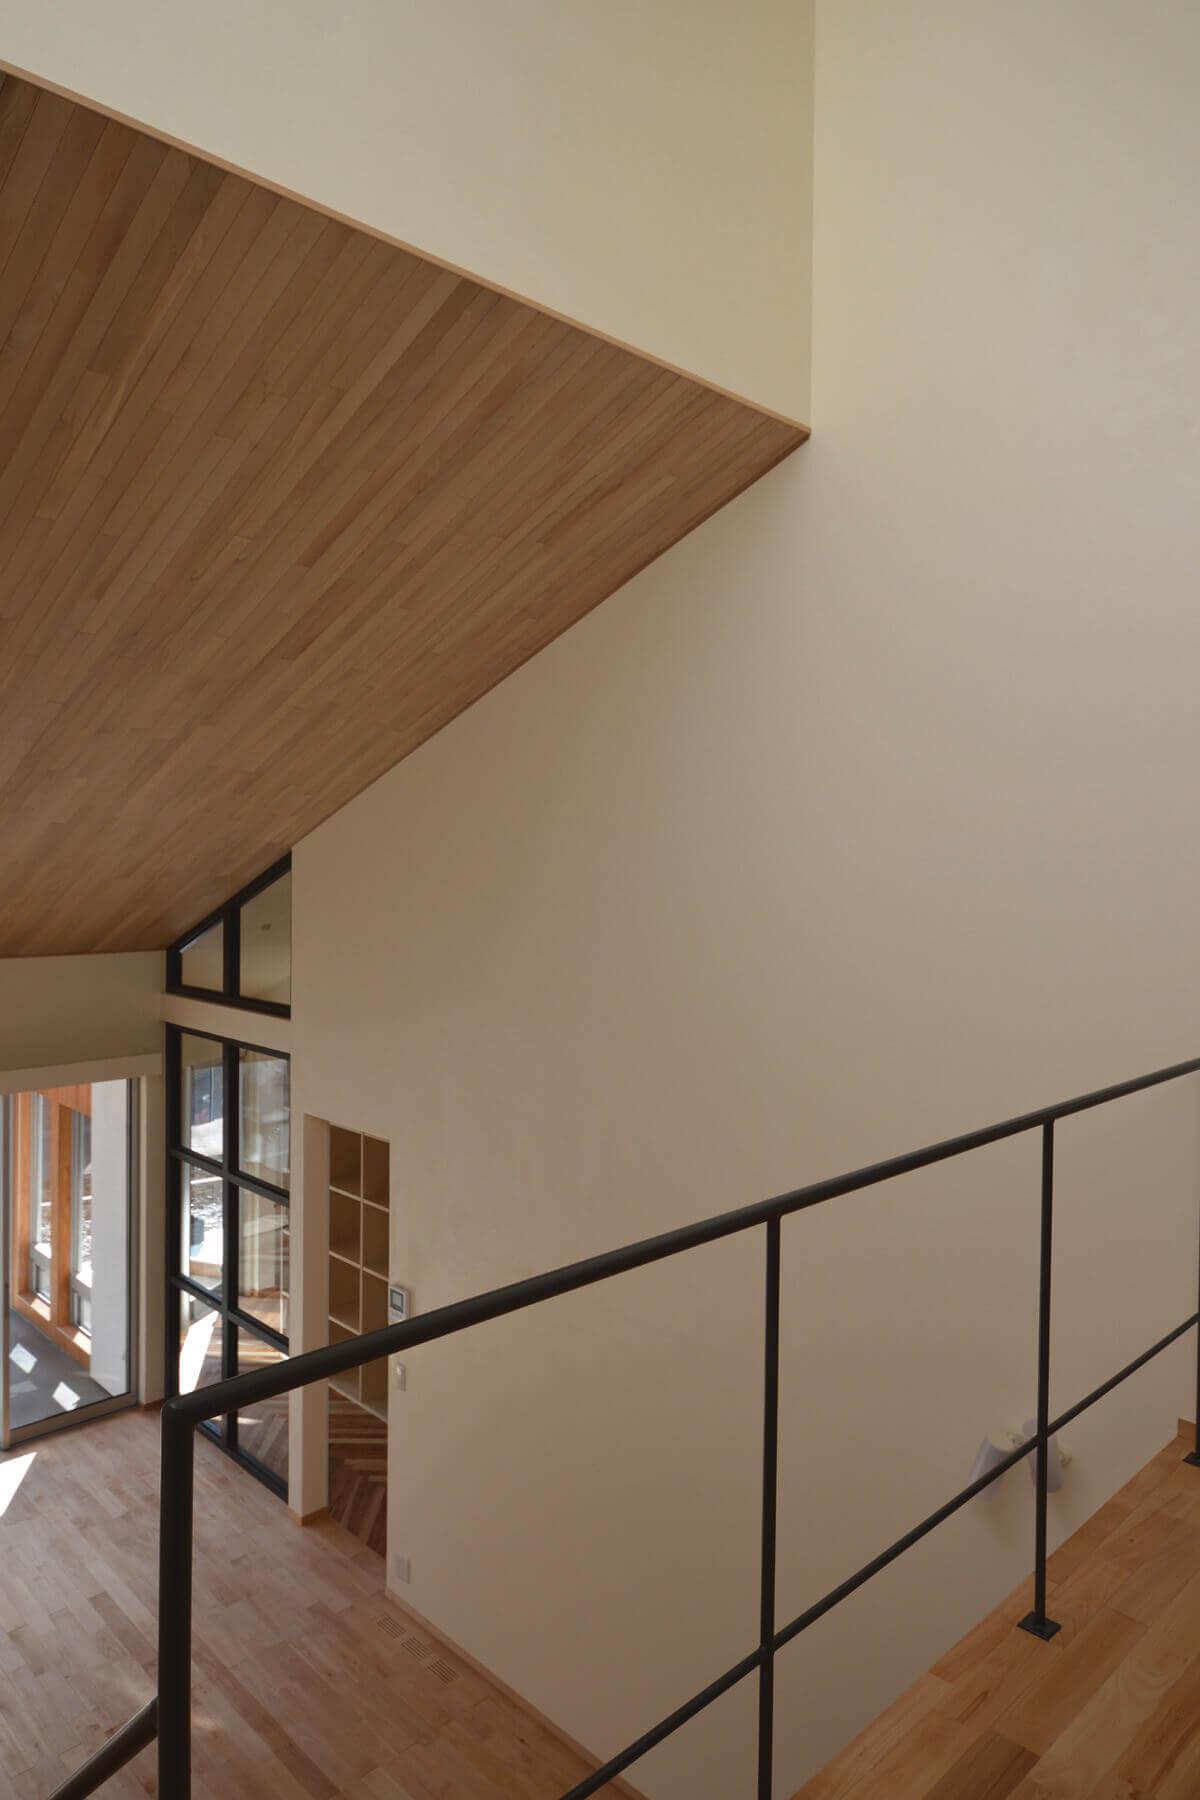 緑区A邸の2階から奥に見えるフレームは、木製の枠を黒くペイントしました